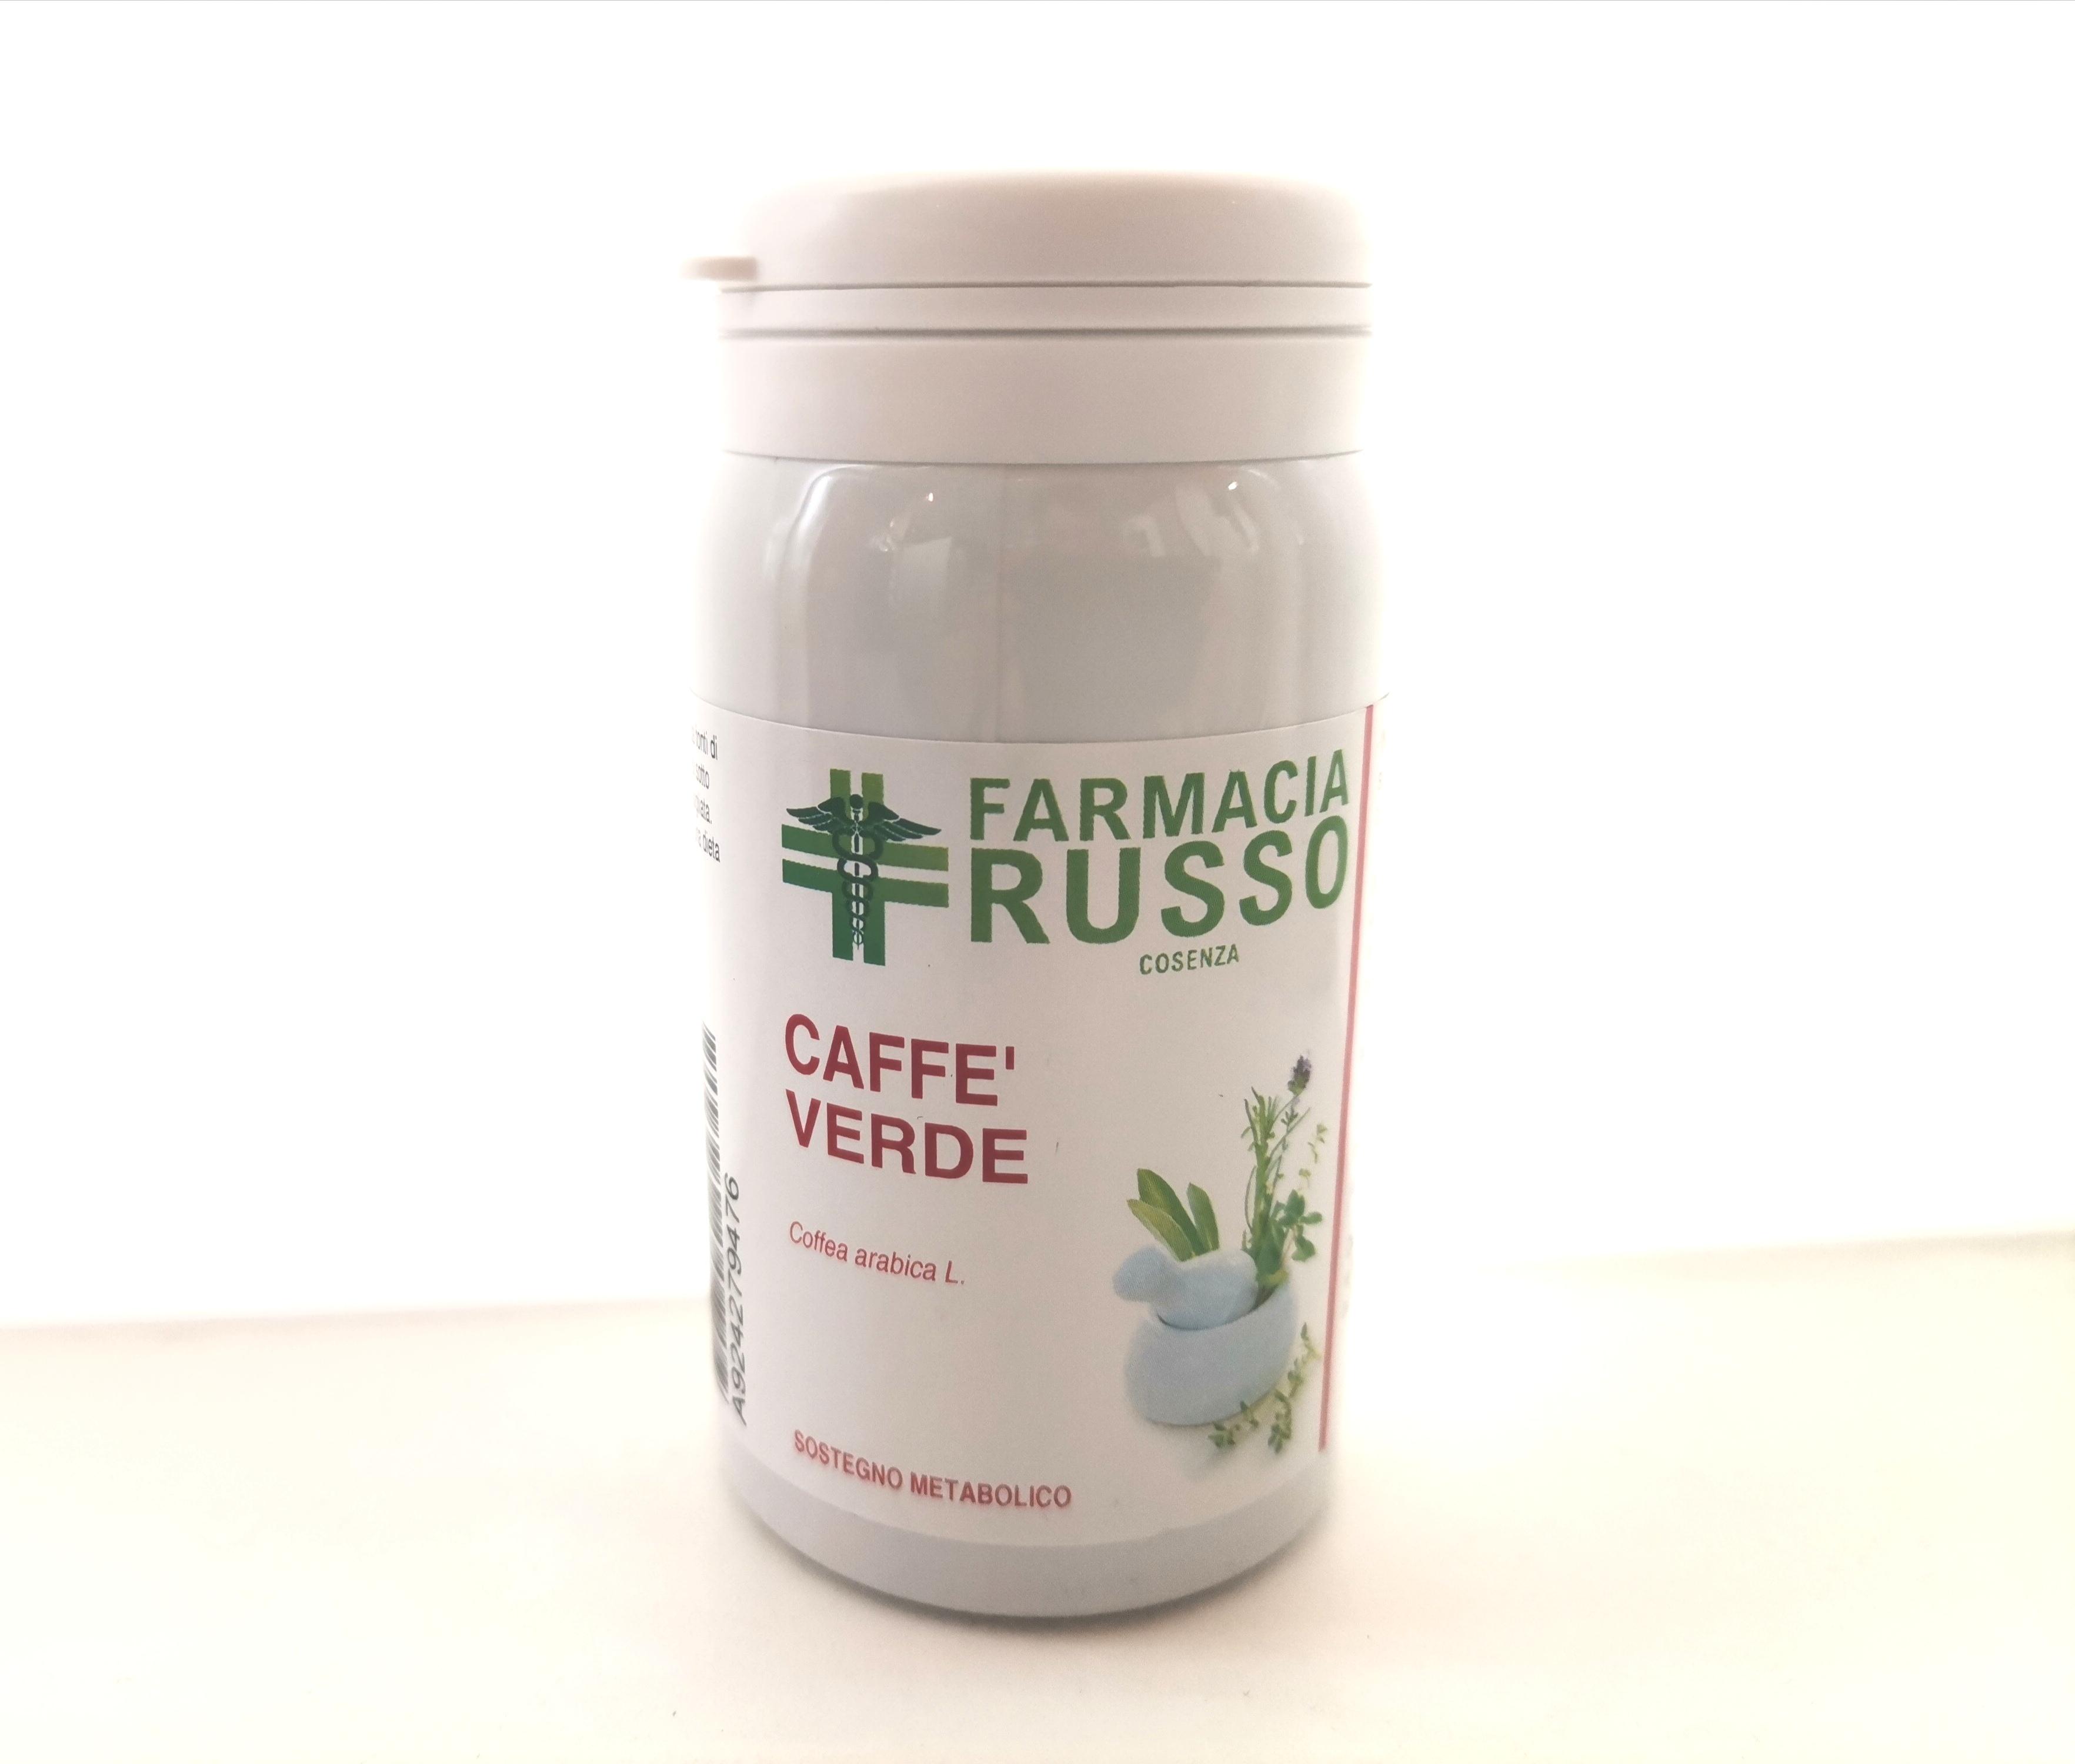 CAFFÈ VERDE 60 CAPSULE UTILE PER FAVORIRE UN' AZIONE DI SOSTEGNO METABOLICO. CONTRASTA GLI EFFETTI DEI RADICALI LIBERI CON AZIONE ANTIOSSIDANTE.